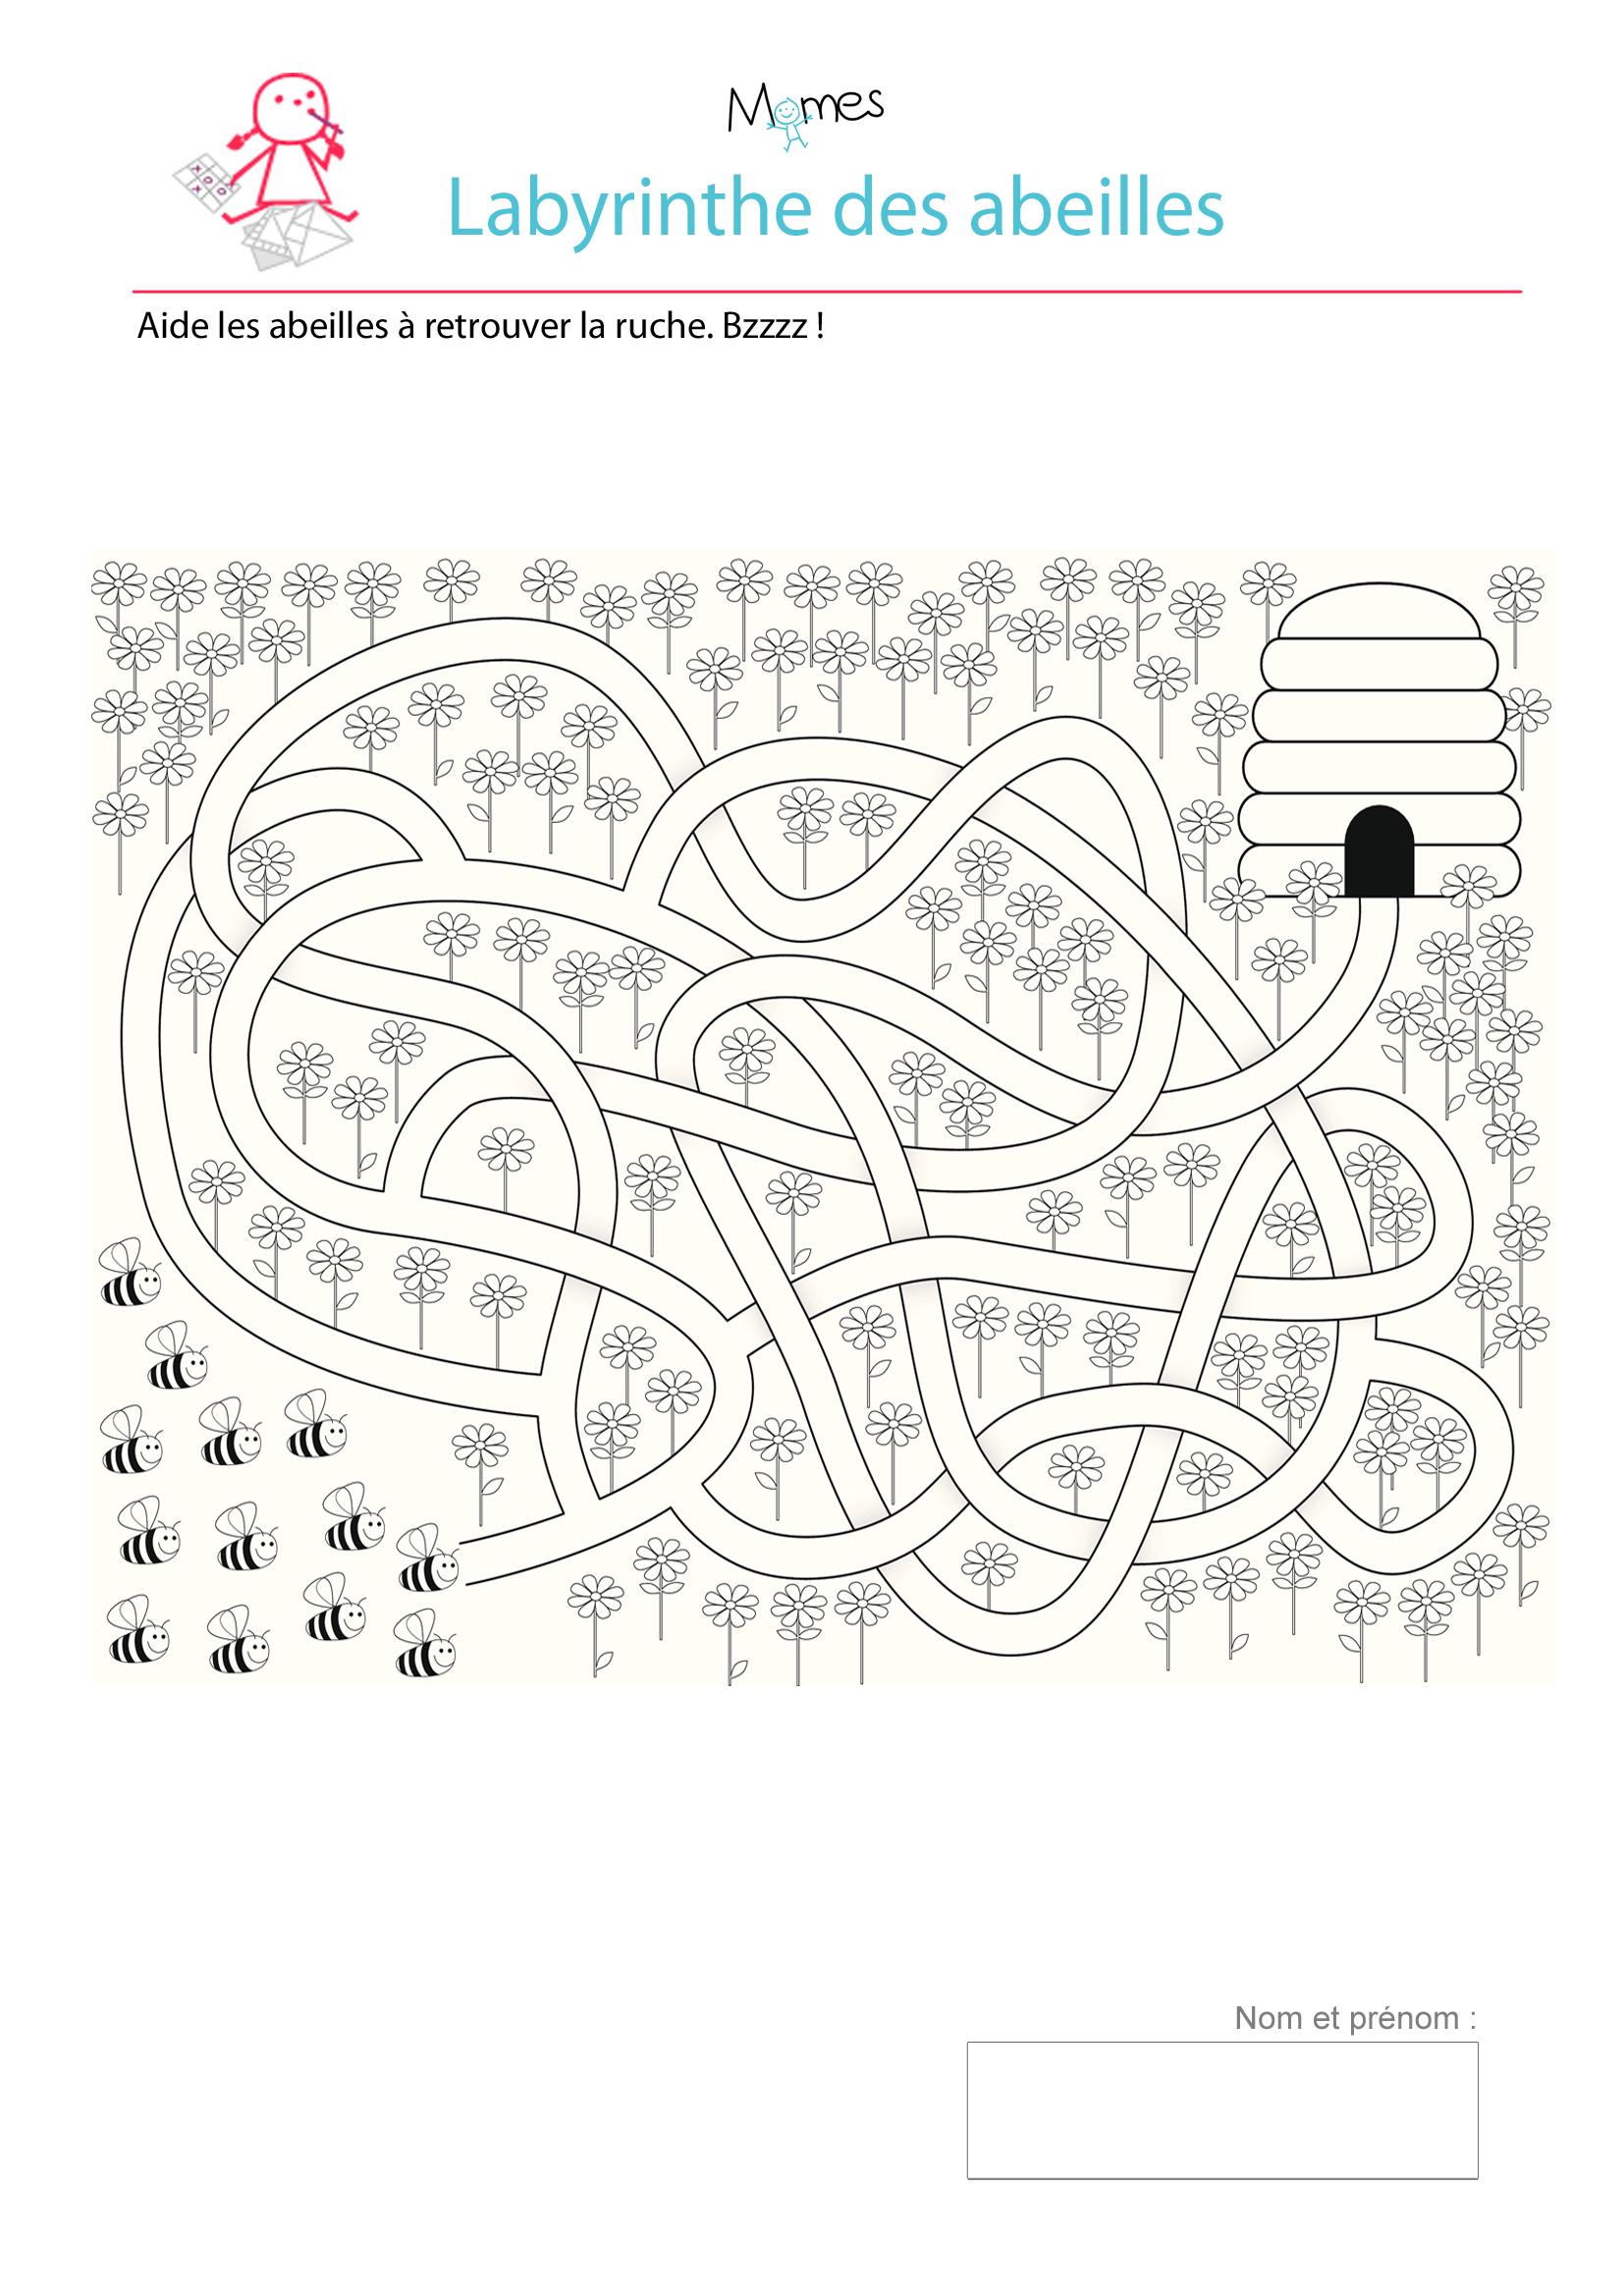 Le labyrinthes des abeilles